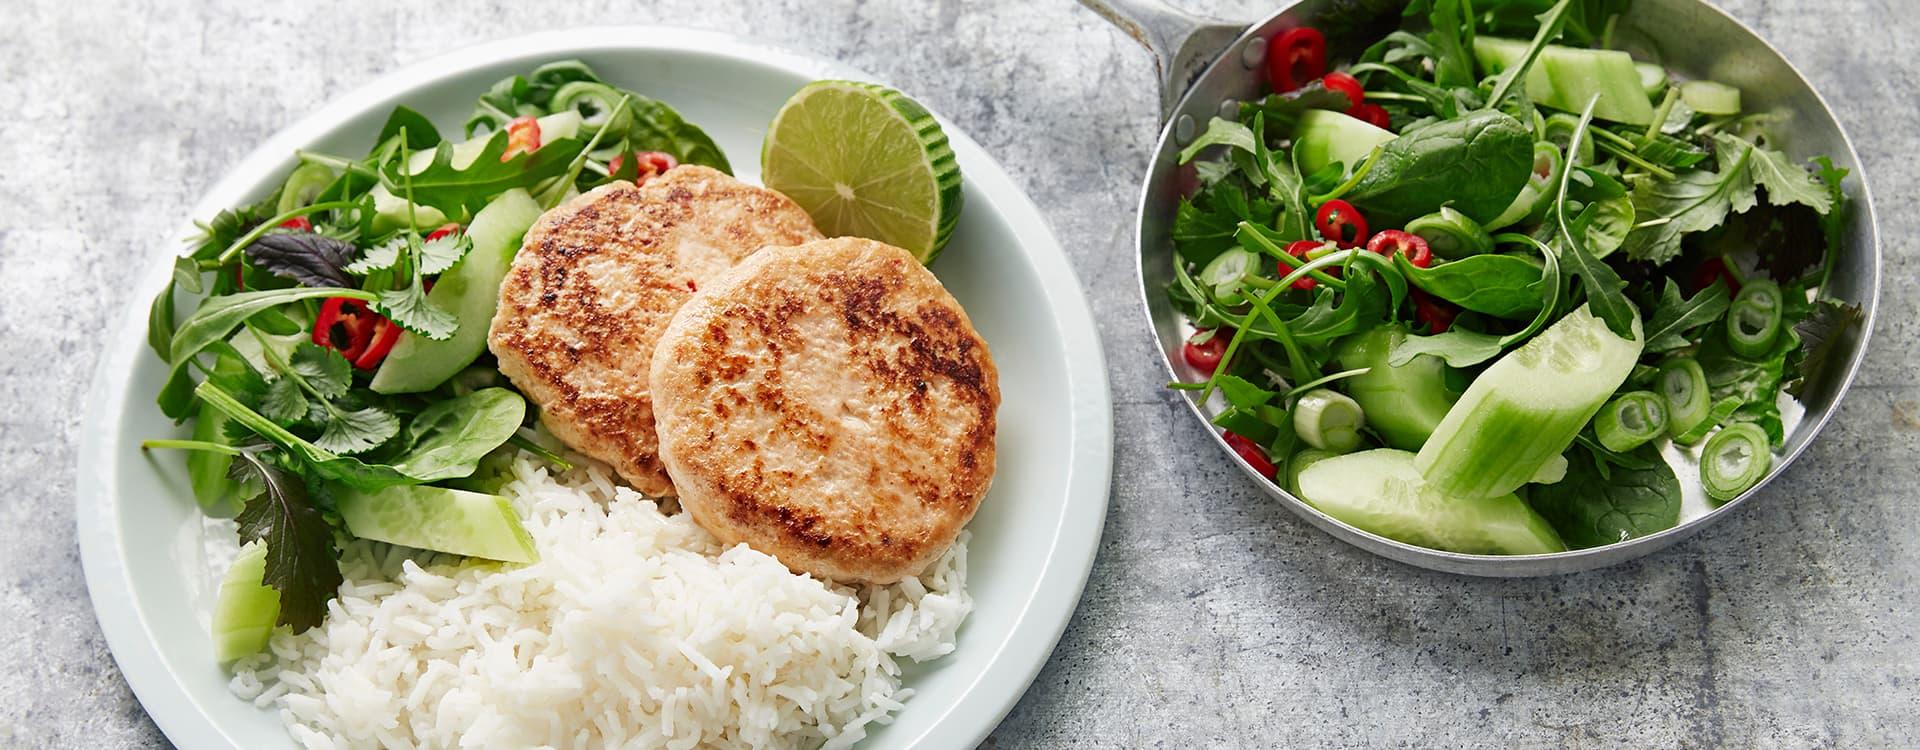 Fiskekaker med asiatiske smaker - friskt og godt!